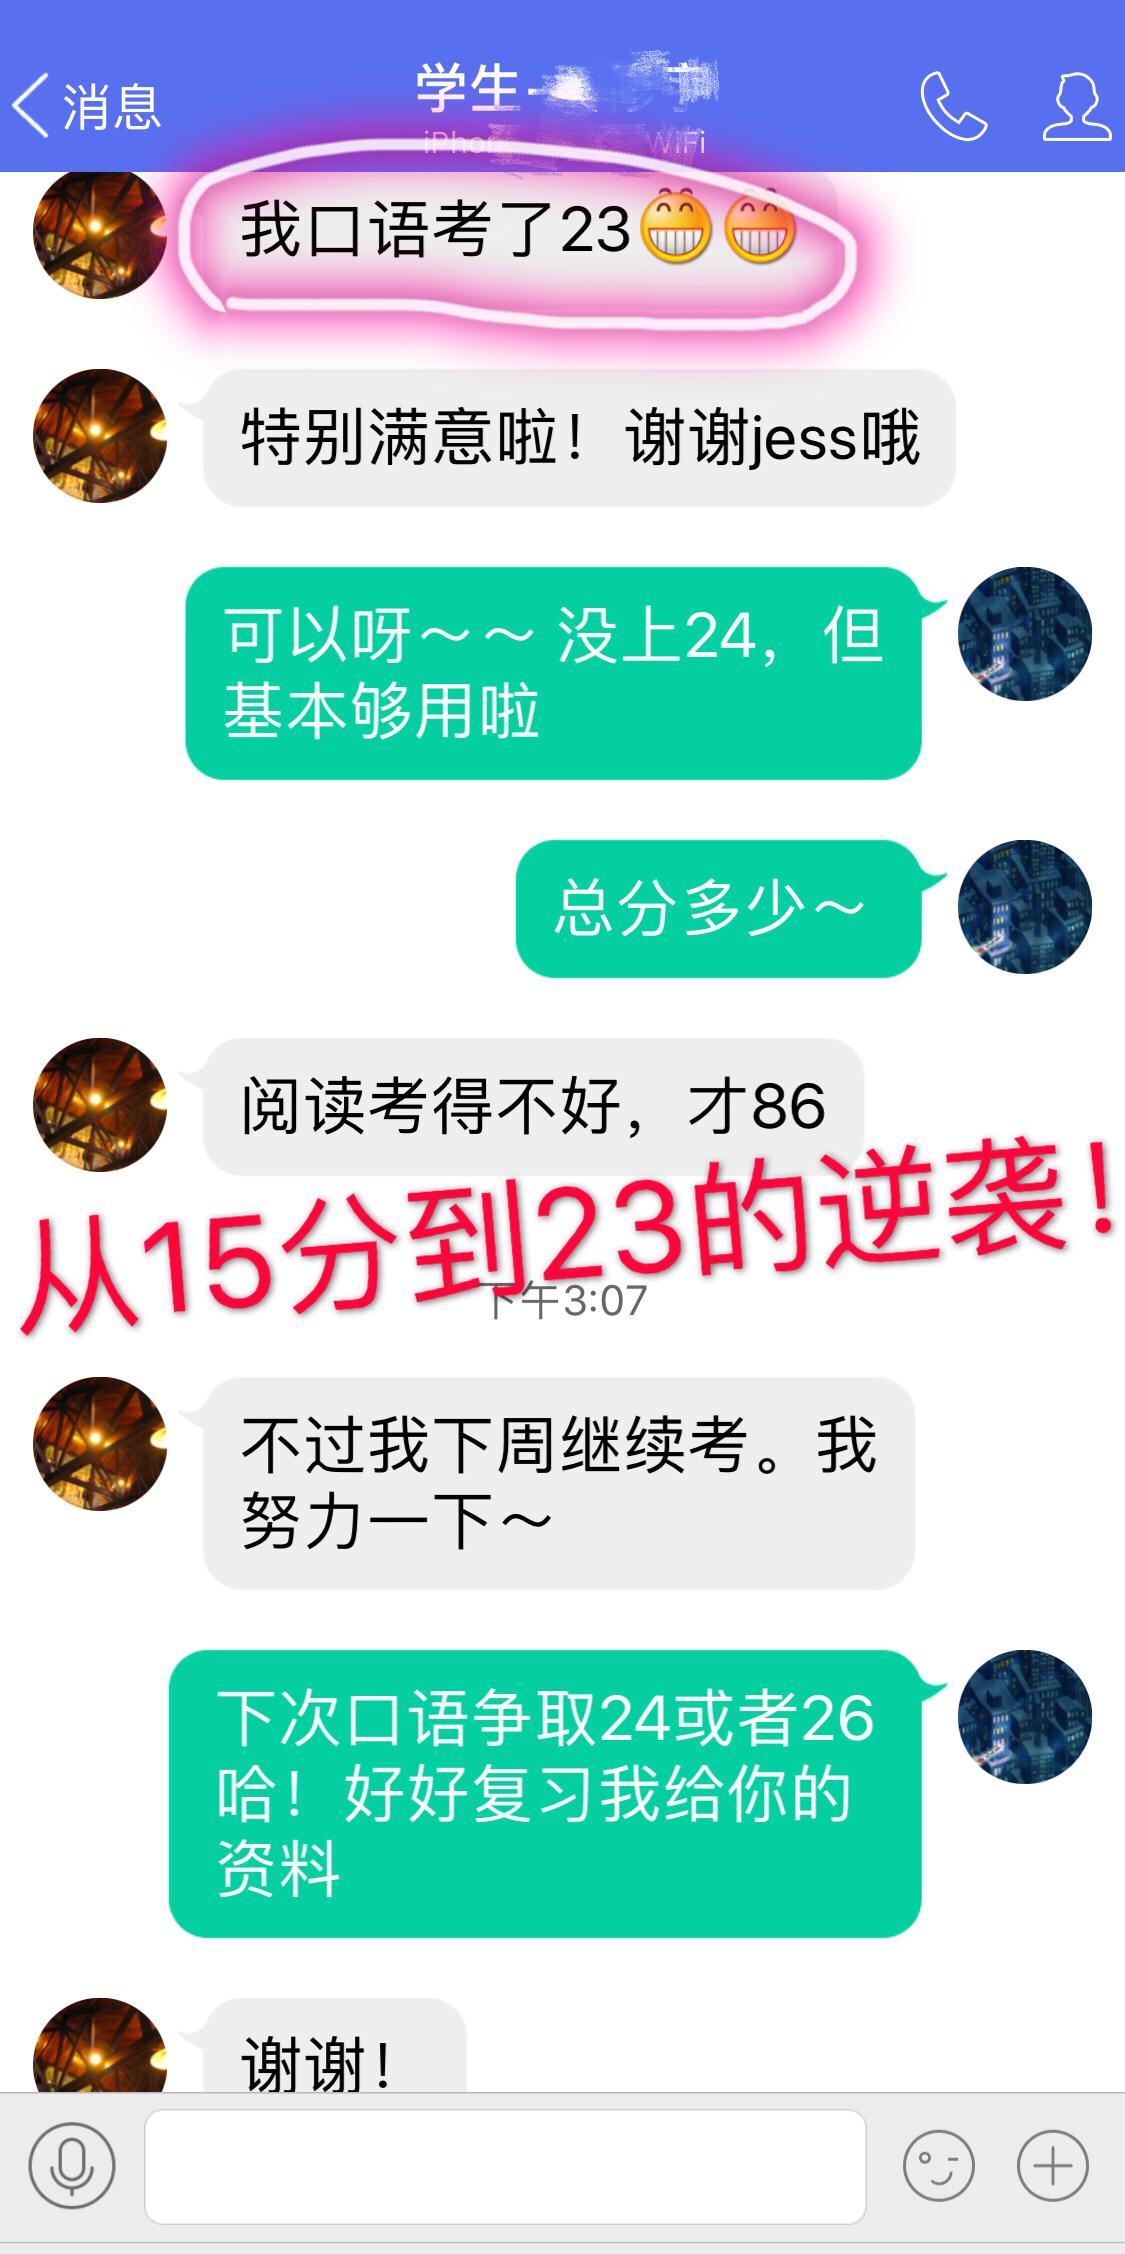 赵爽学员评价3